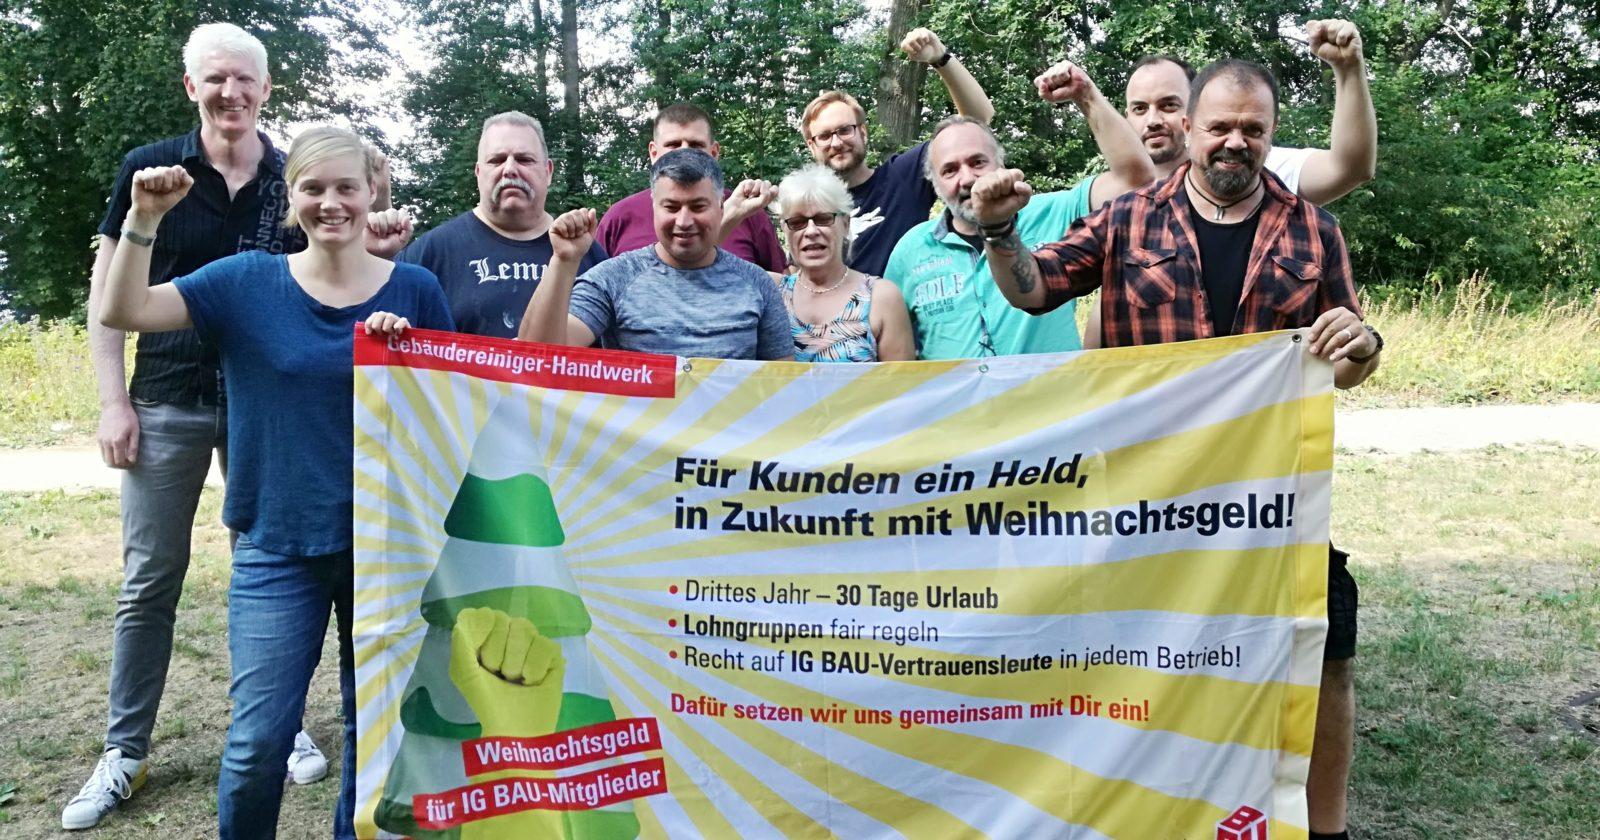 Mitstreiter gewinnen – Unterstützung ausbauen: Organizing-Schulung in Berlin